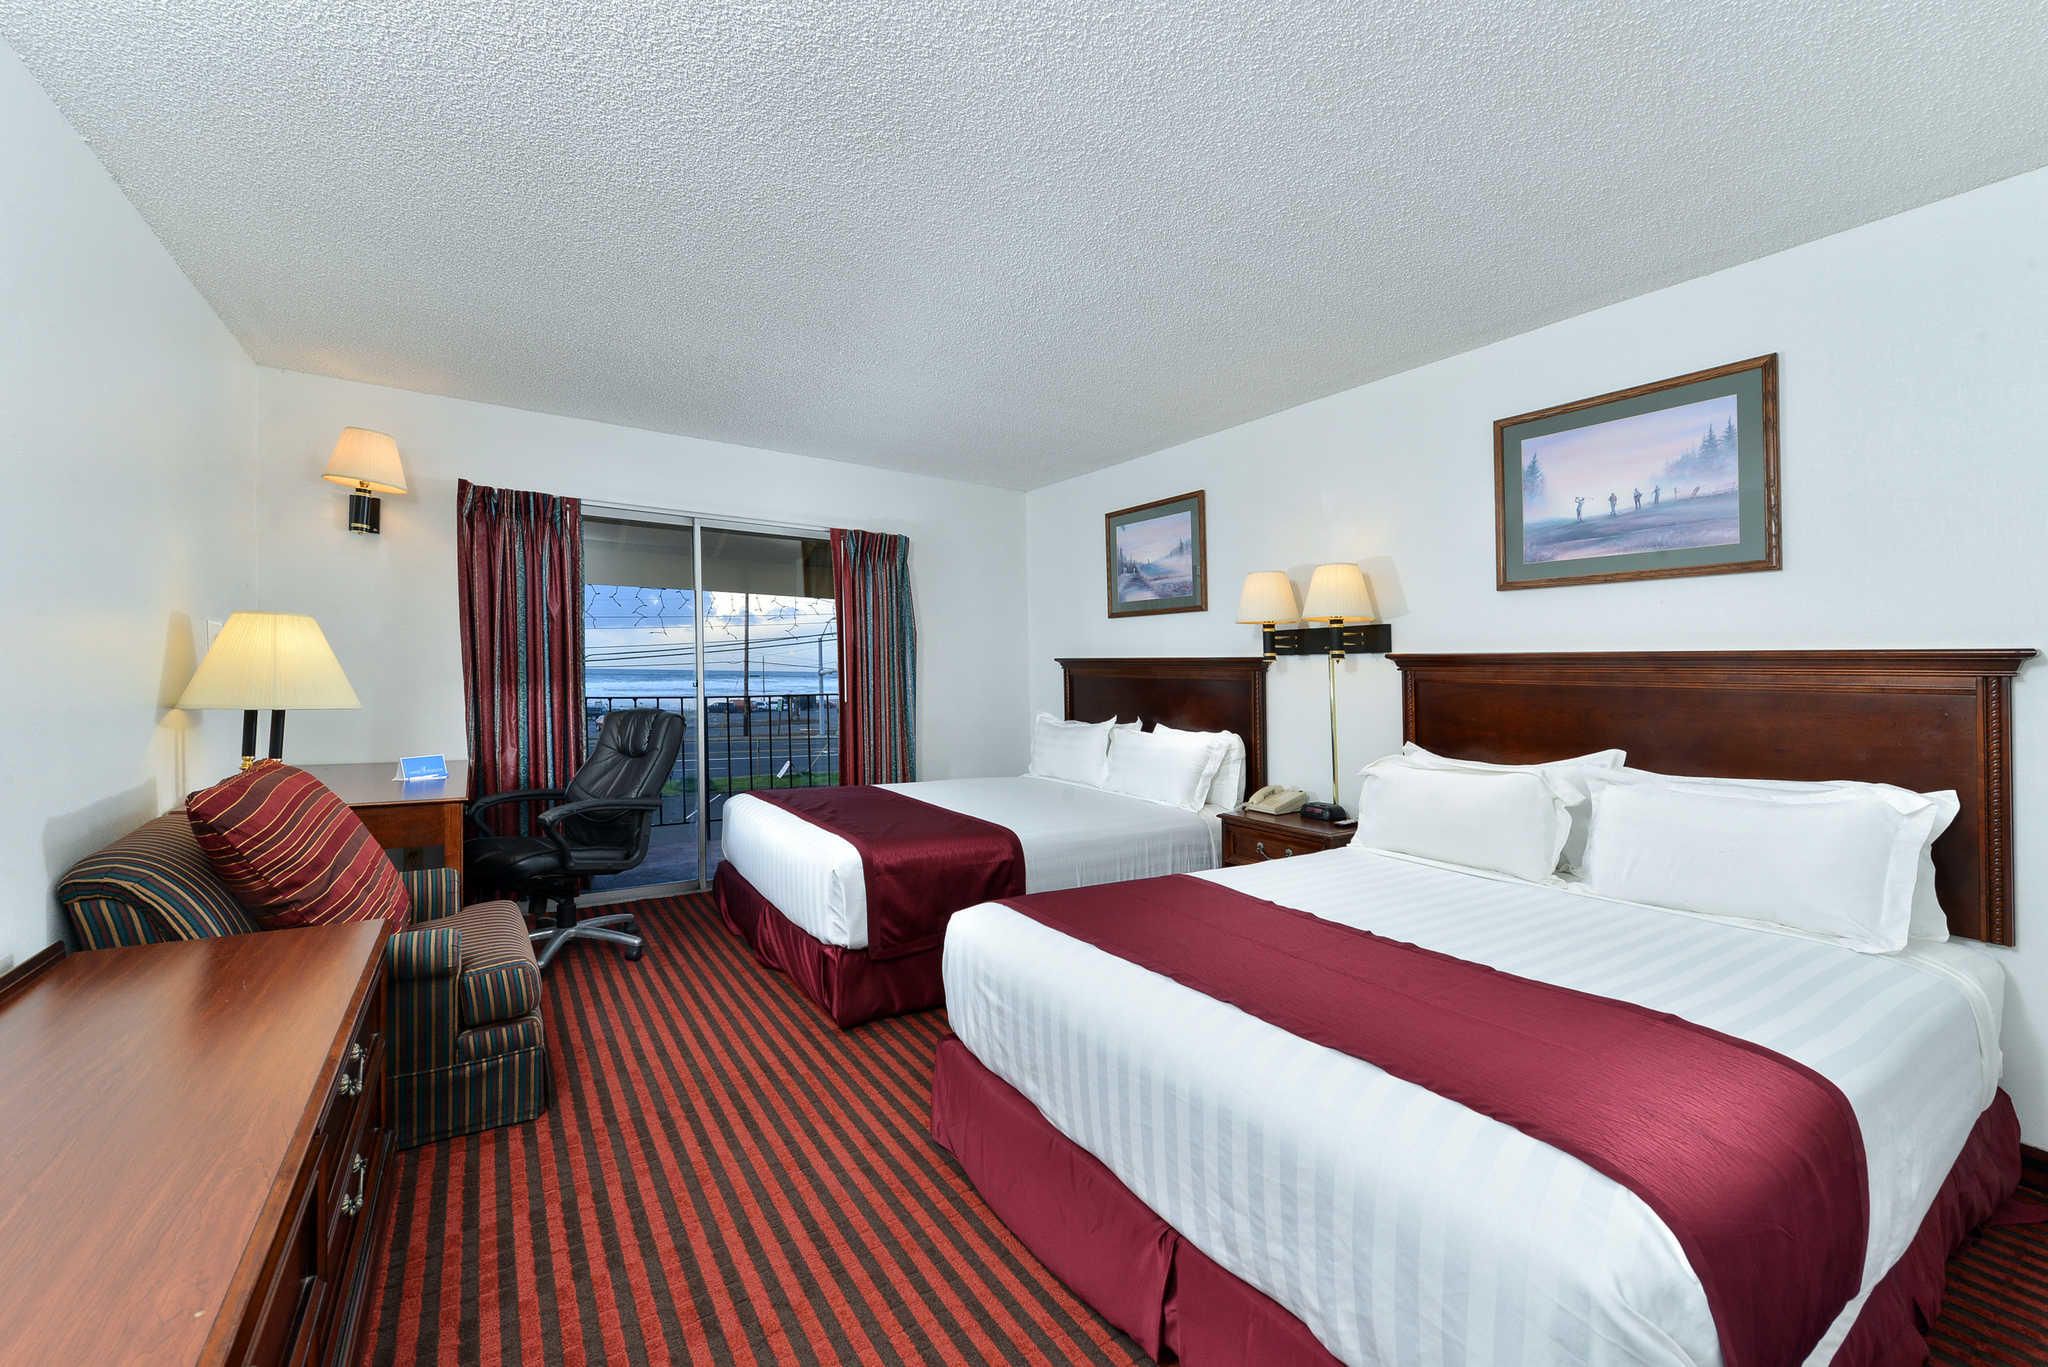 Rodeway Inn & Suites - Closed image 7